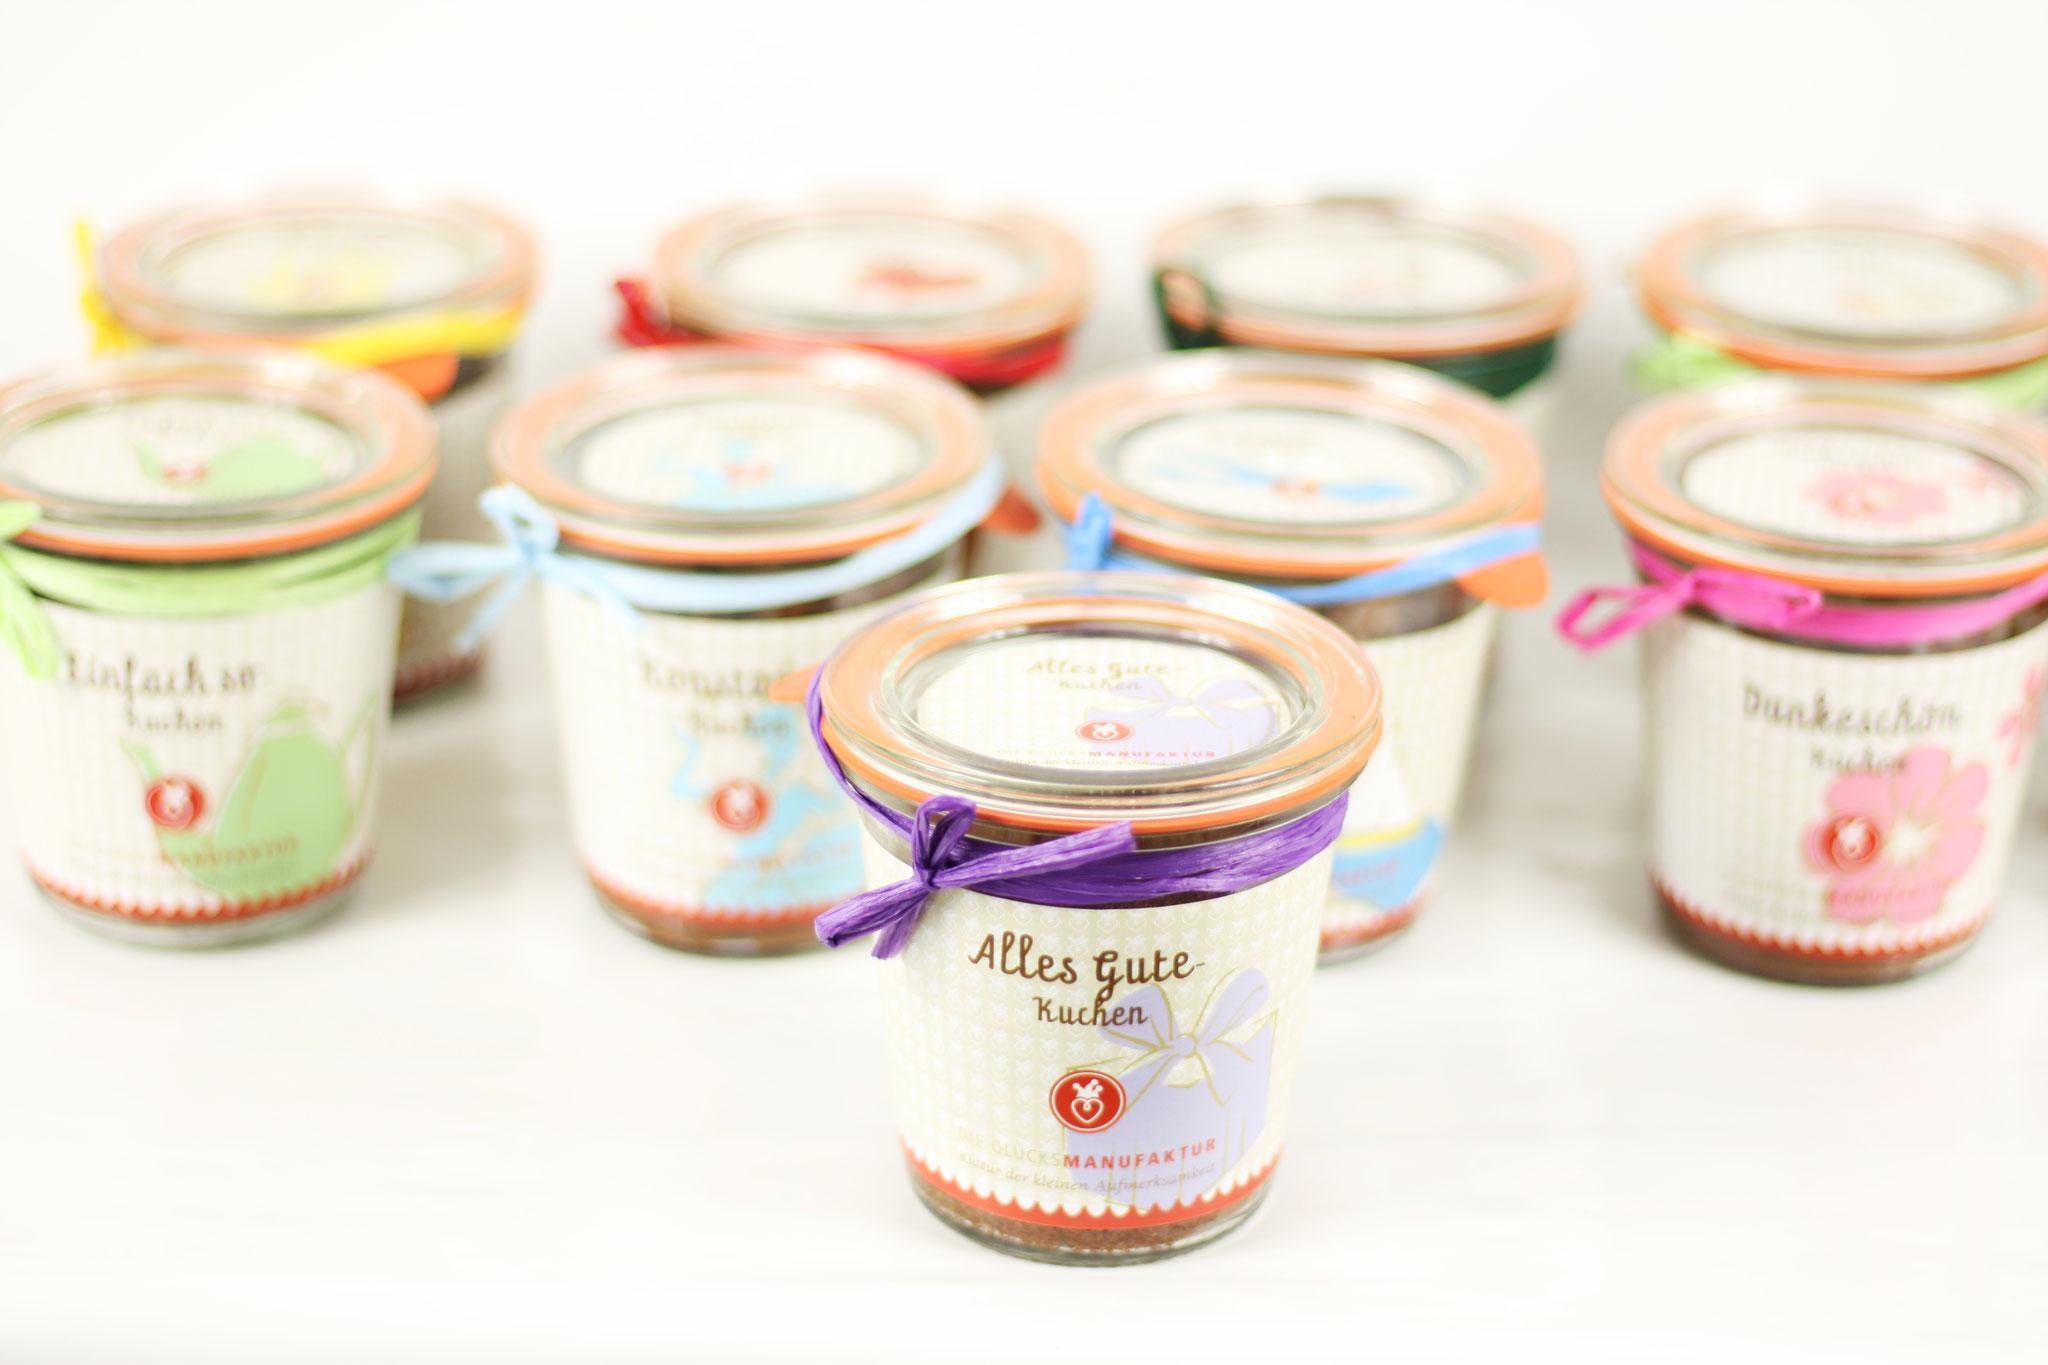 Die Glucksmanufaktur Kuchen Im Glas Fur Jede Gelegenheit Bestellen